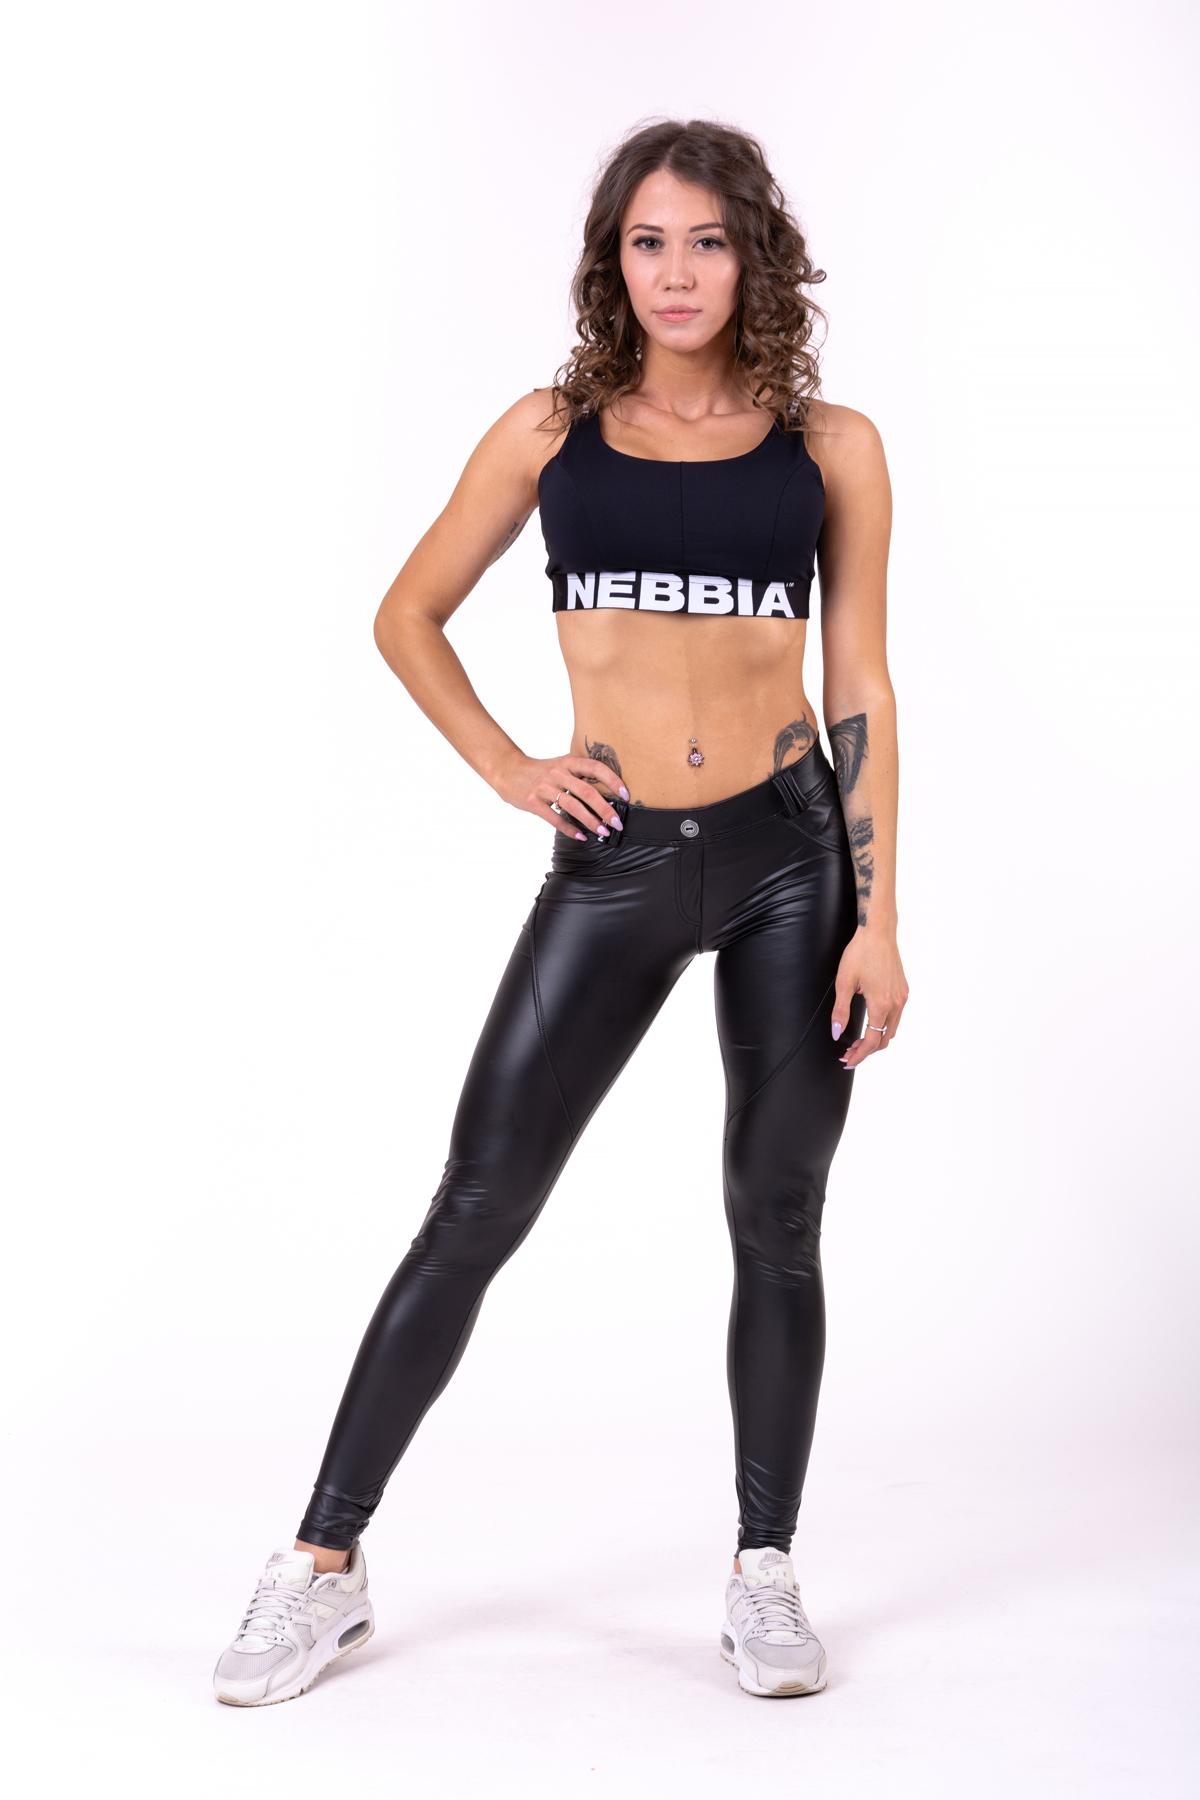 Женский топ Nebbia airy straps sport bra 693 black